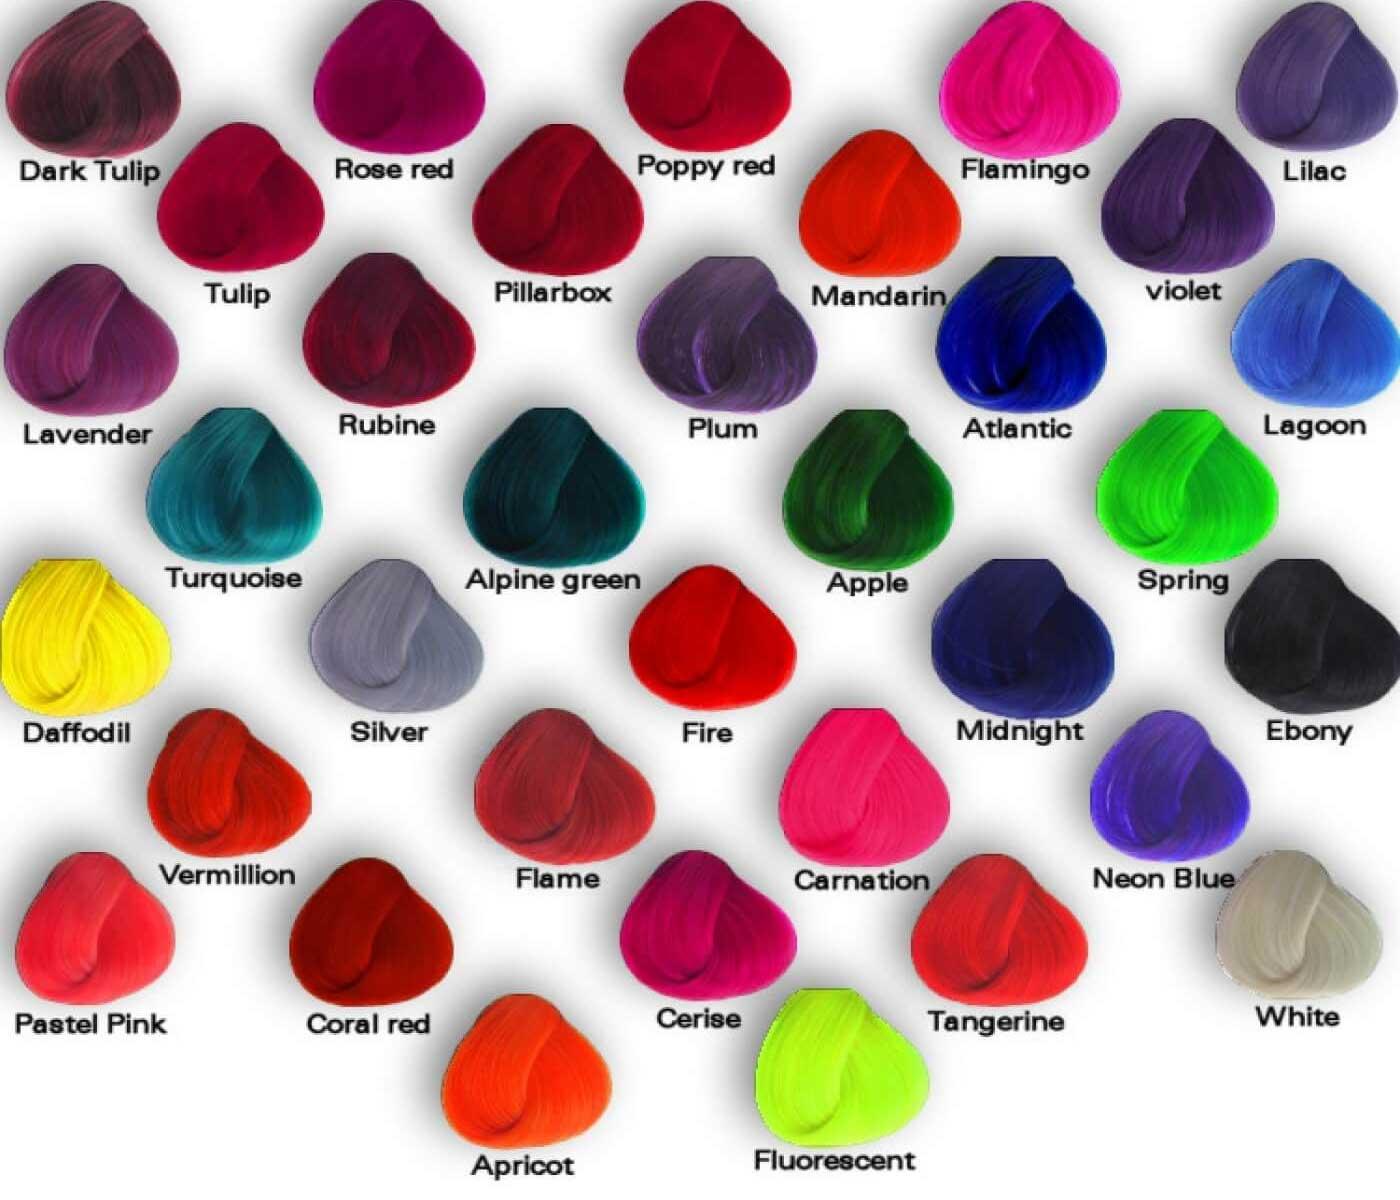 روش رنگ کردن مو در خانه | کارهای قبل از رنگ كردن مو | آنتی اکسیدان چیست | تست حساسیت رنگ مو | شستن مو قبل از رنگ کردن | آرایش سرا.